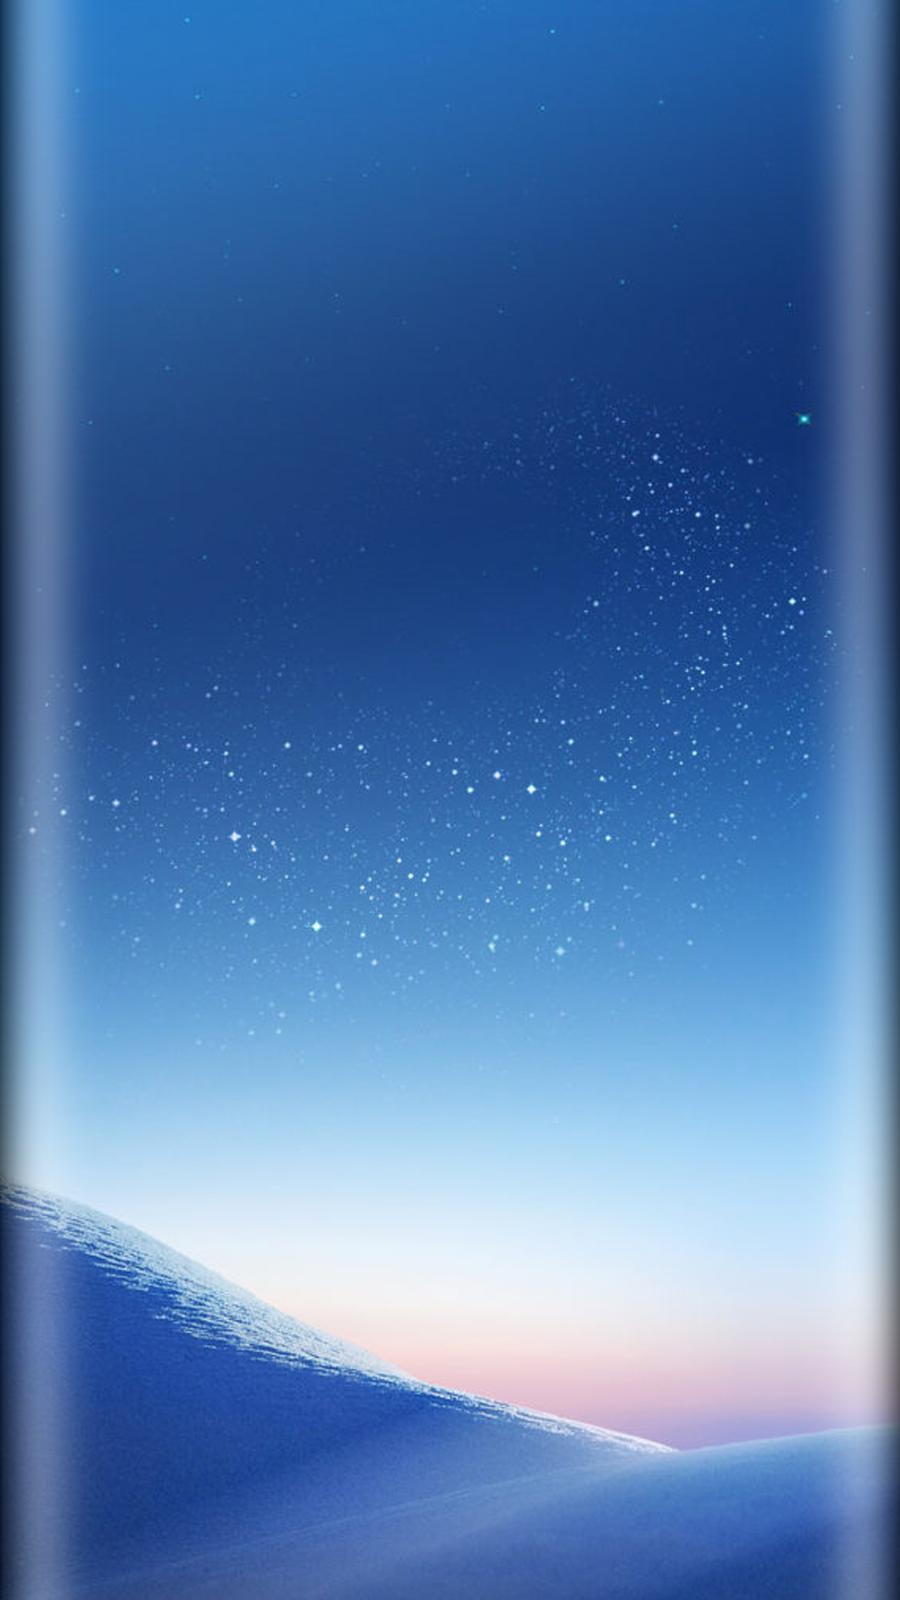 Koleksi Wallpaper Samsung S8 Edge Full Hd Pernik Wallpaper